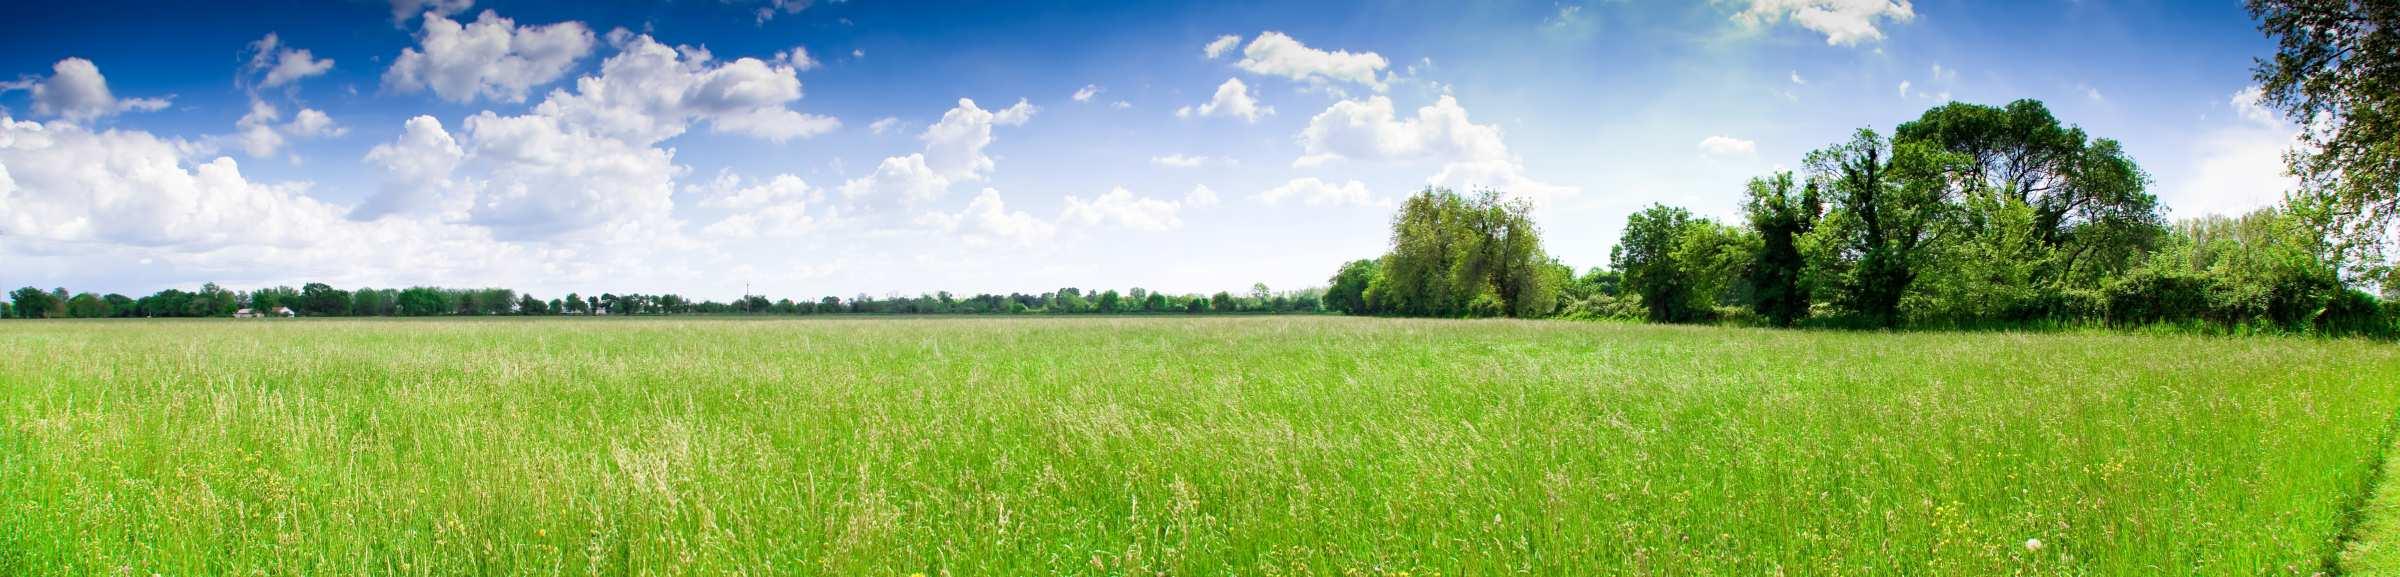 Grasland panorama in Frankrijk